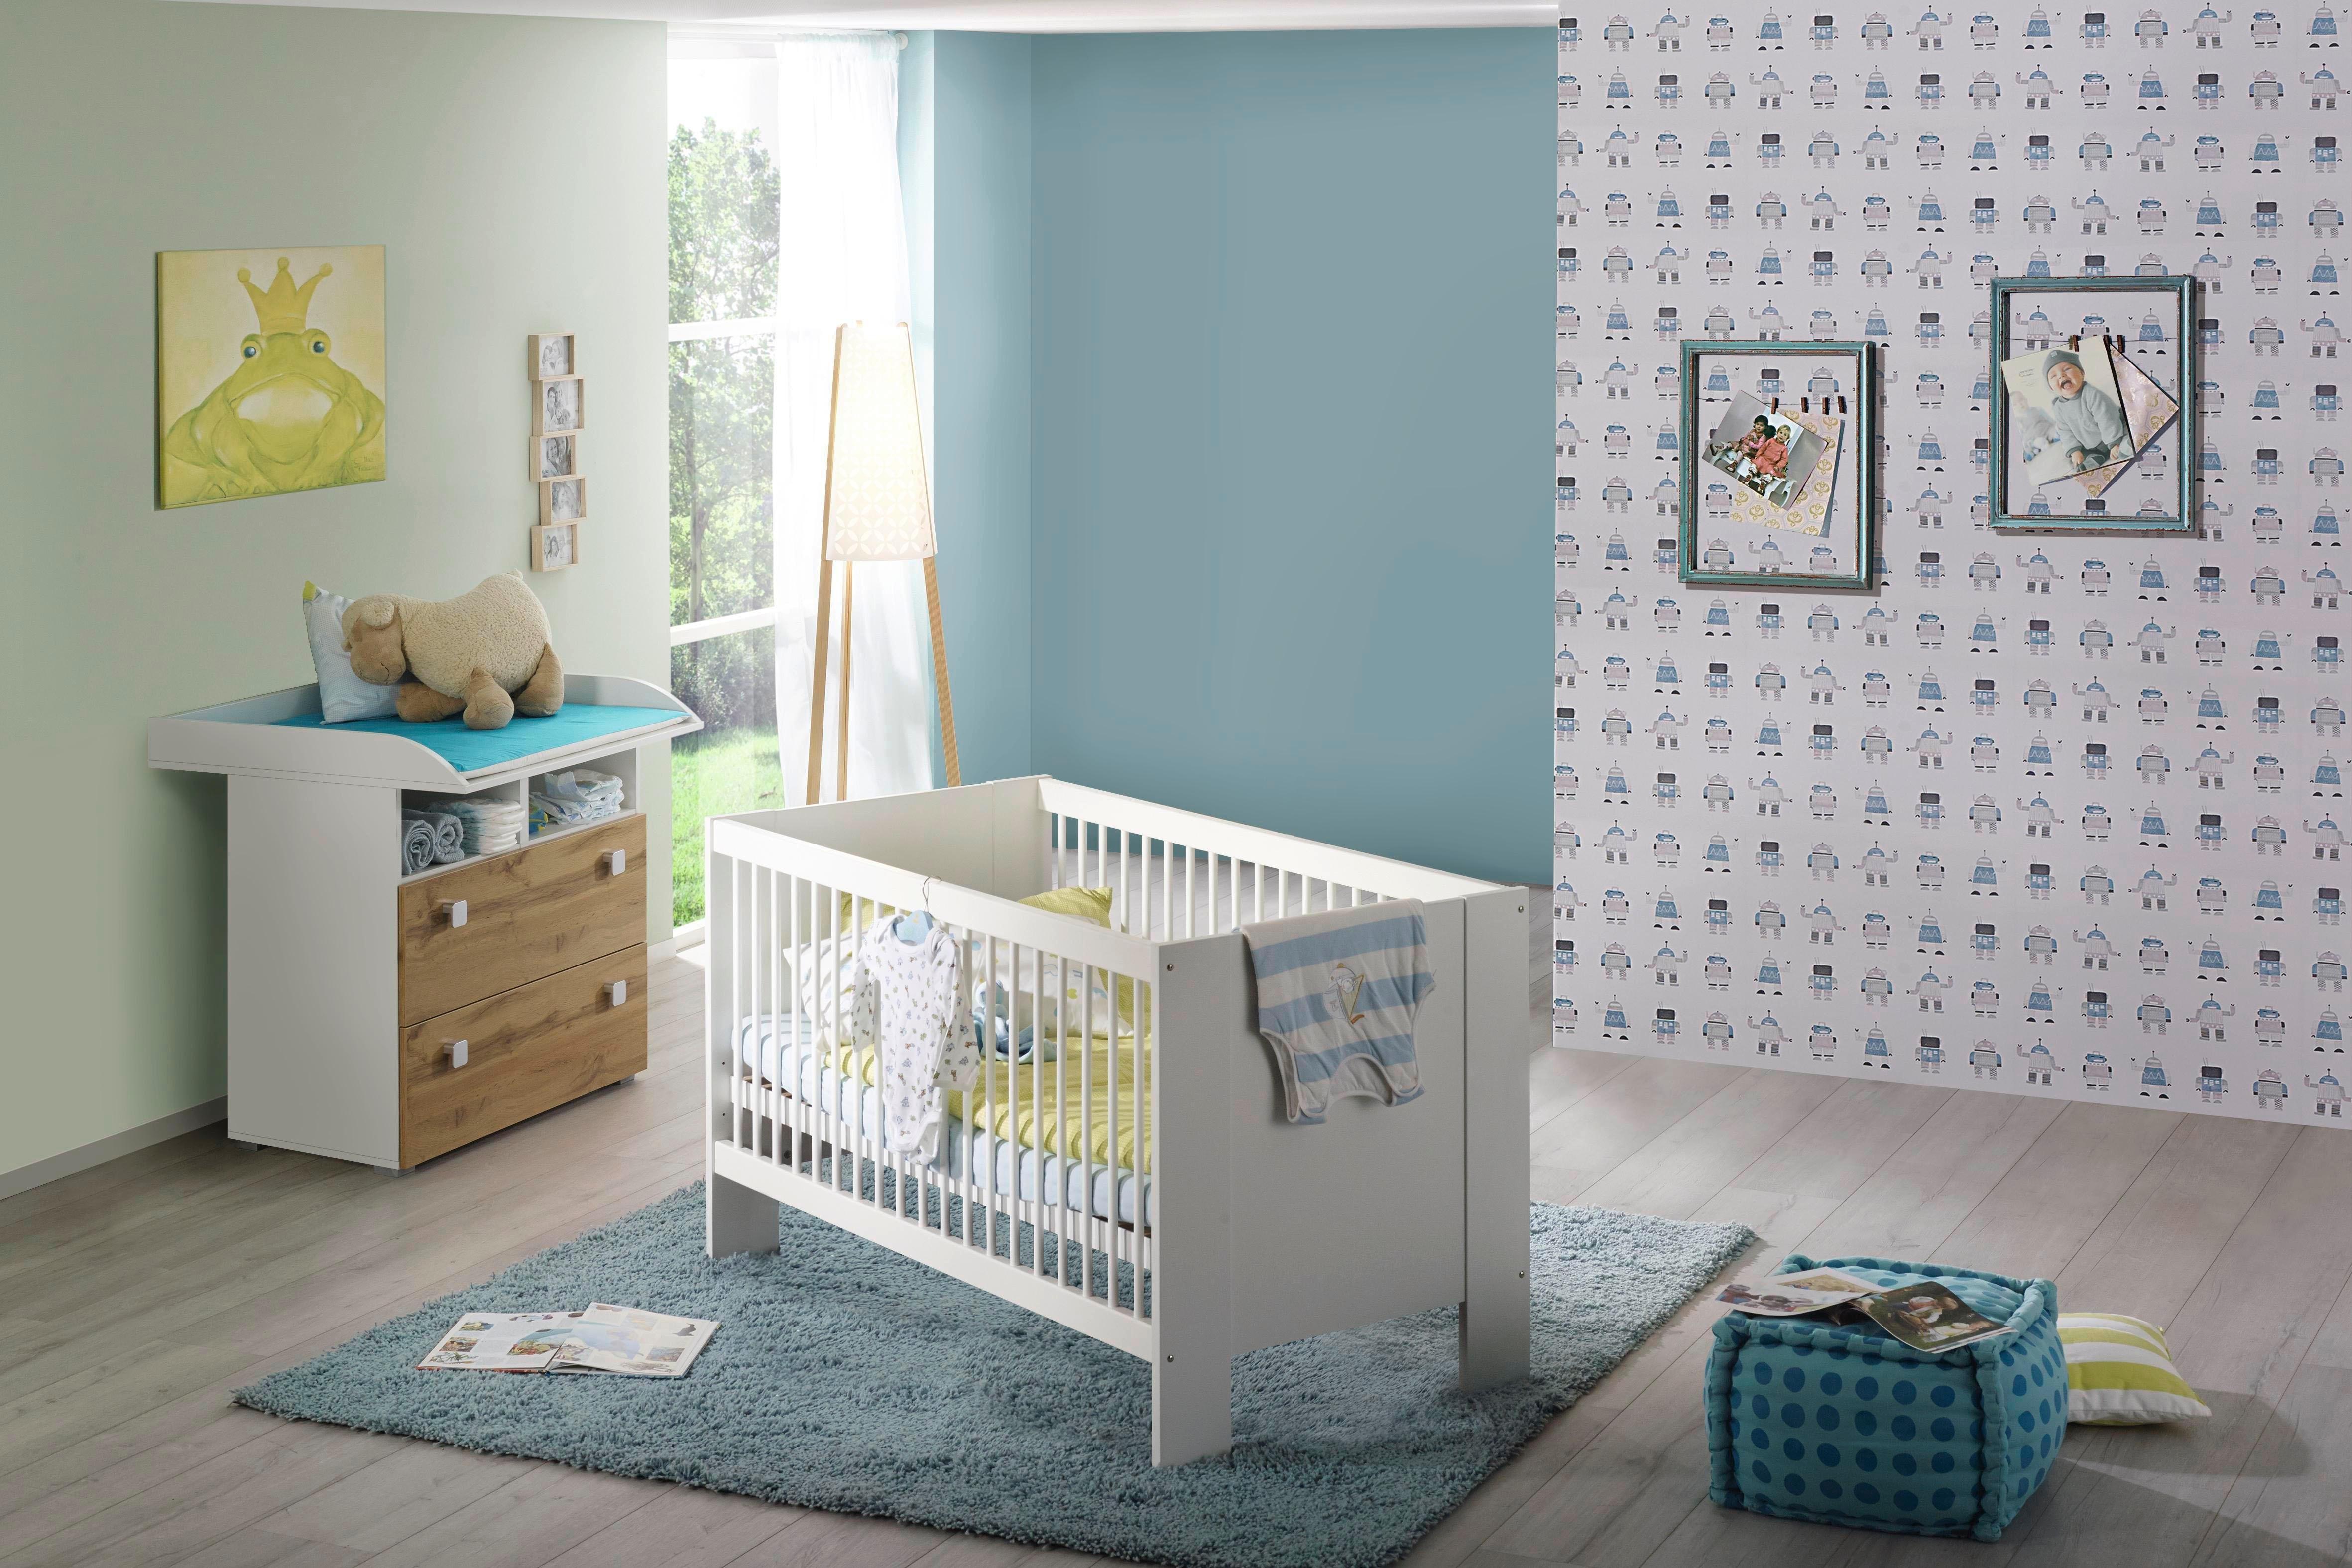 2 Delige Babykamer.Babykamer Voordeelset 2 Delig Hiddensee Ledikantje Commode